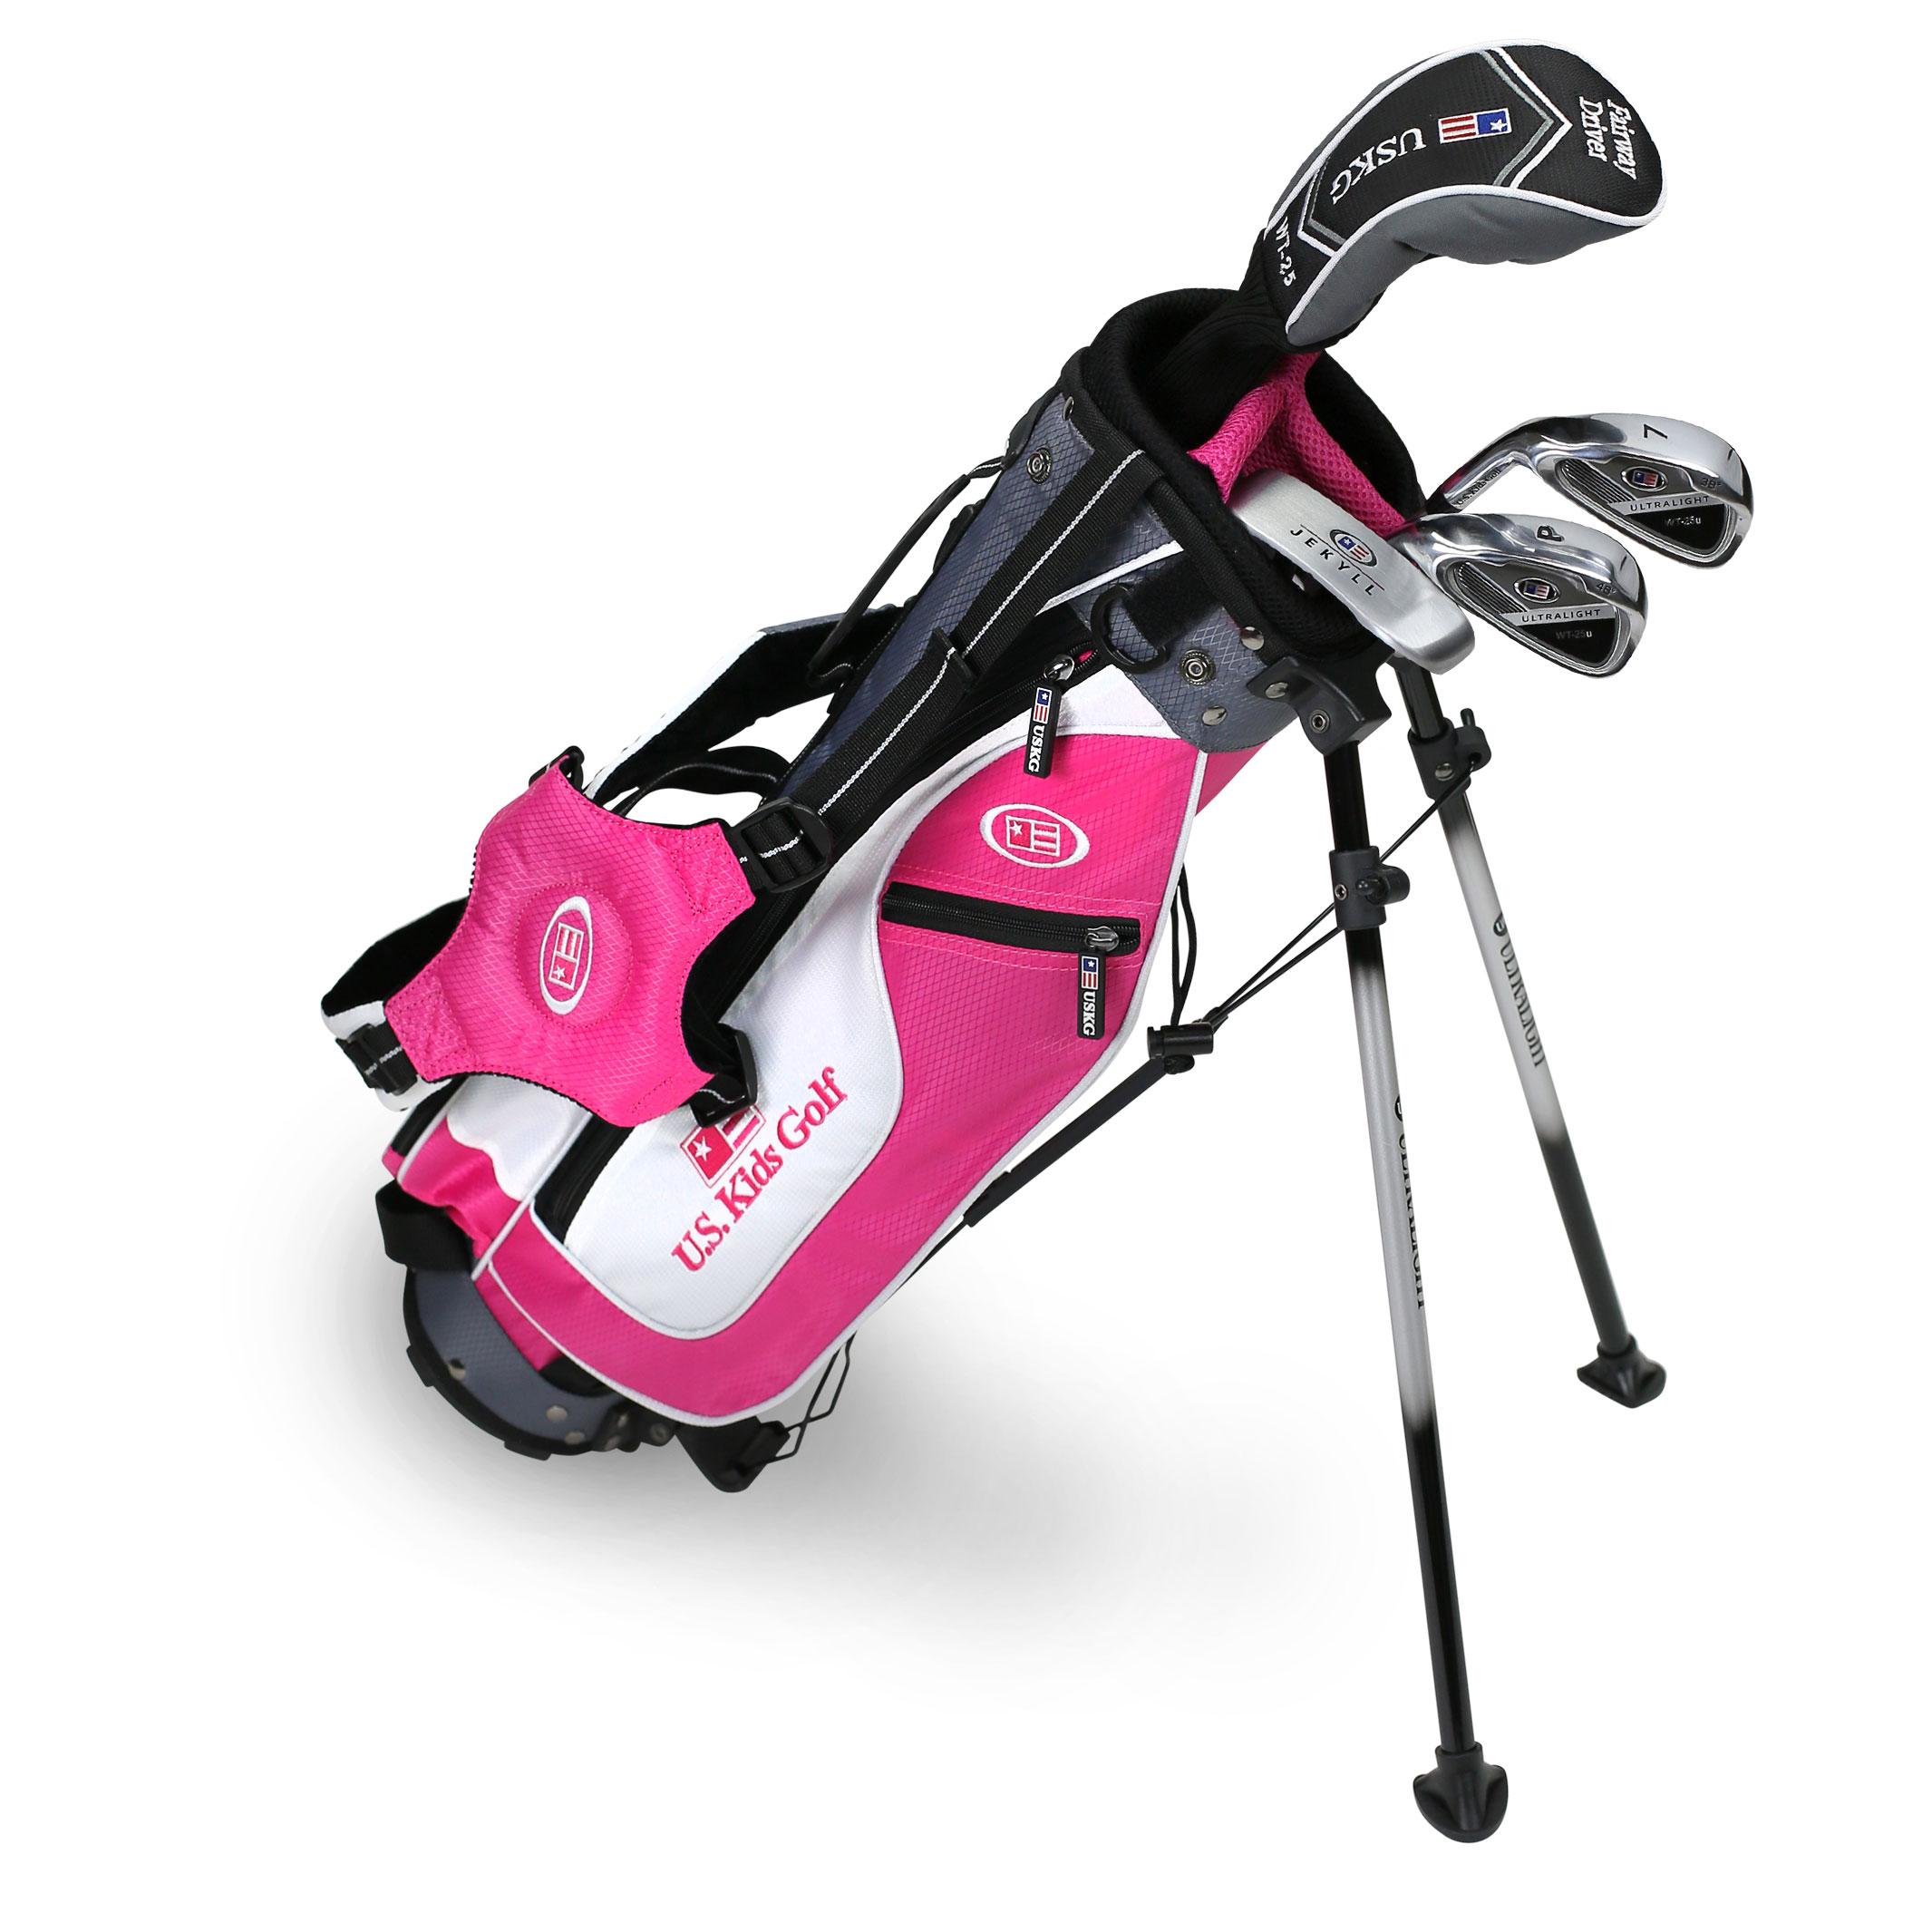 Intech Lancer Junior Golf Club Set LH Orange